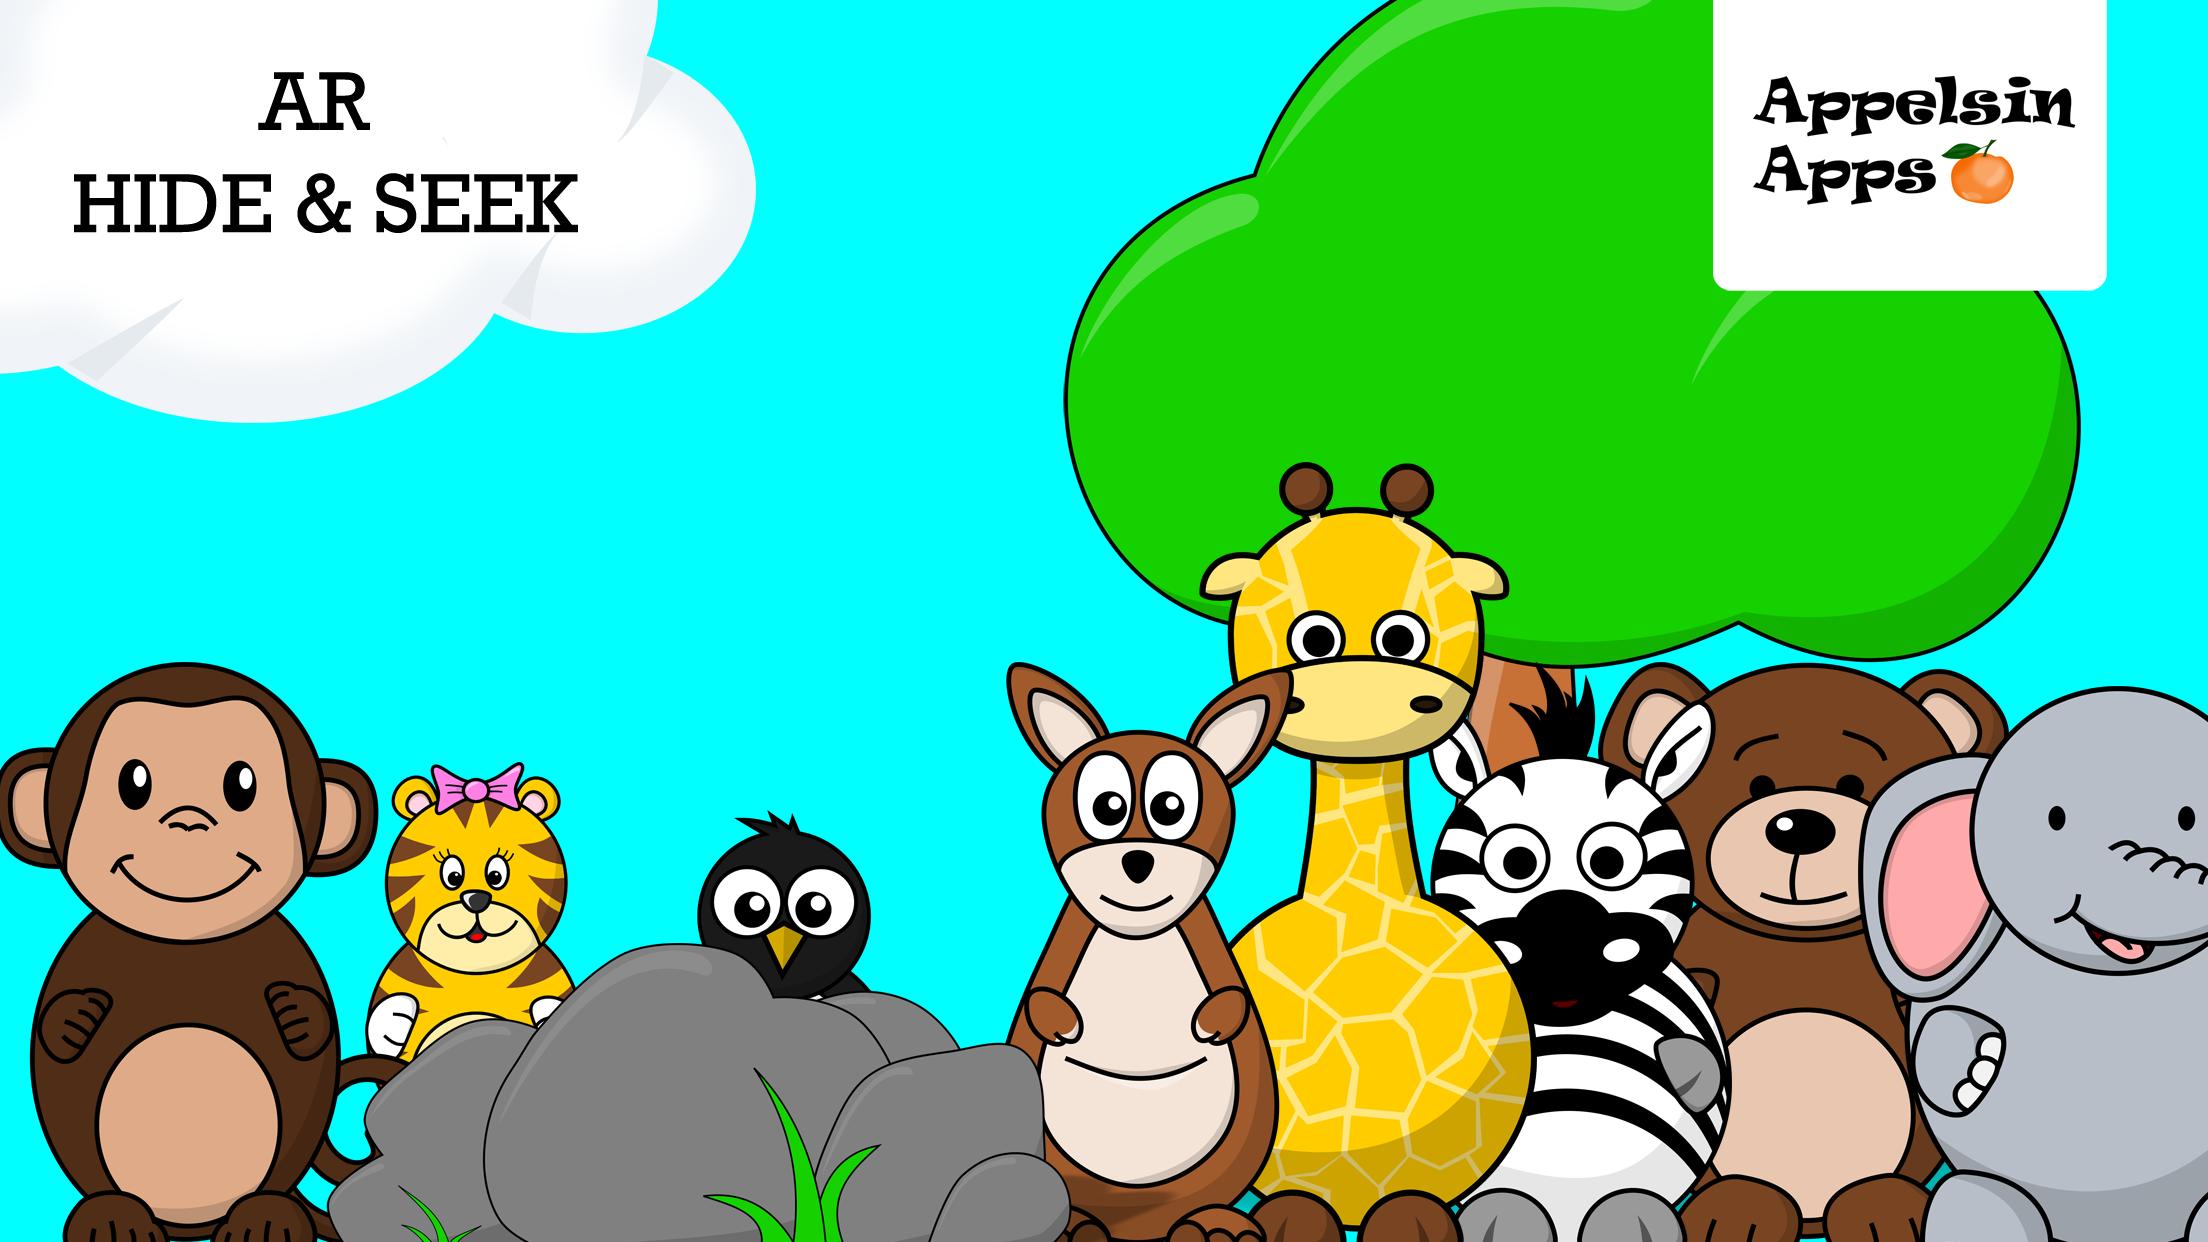 AR Hide & Seek Games for Kids